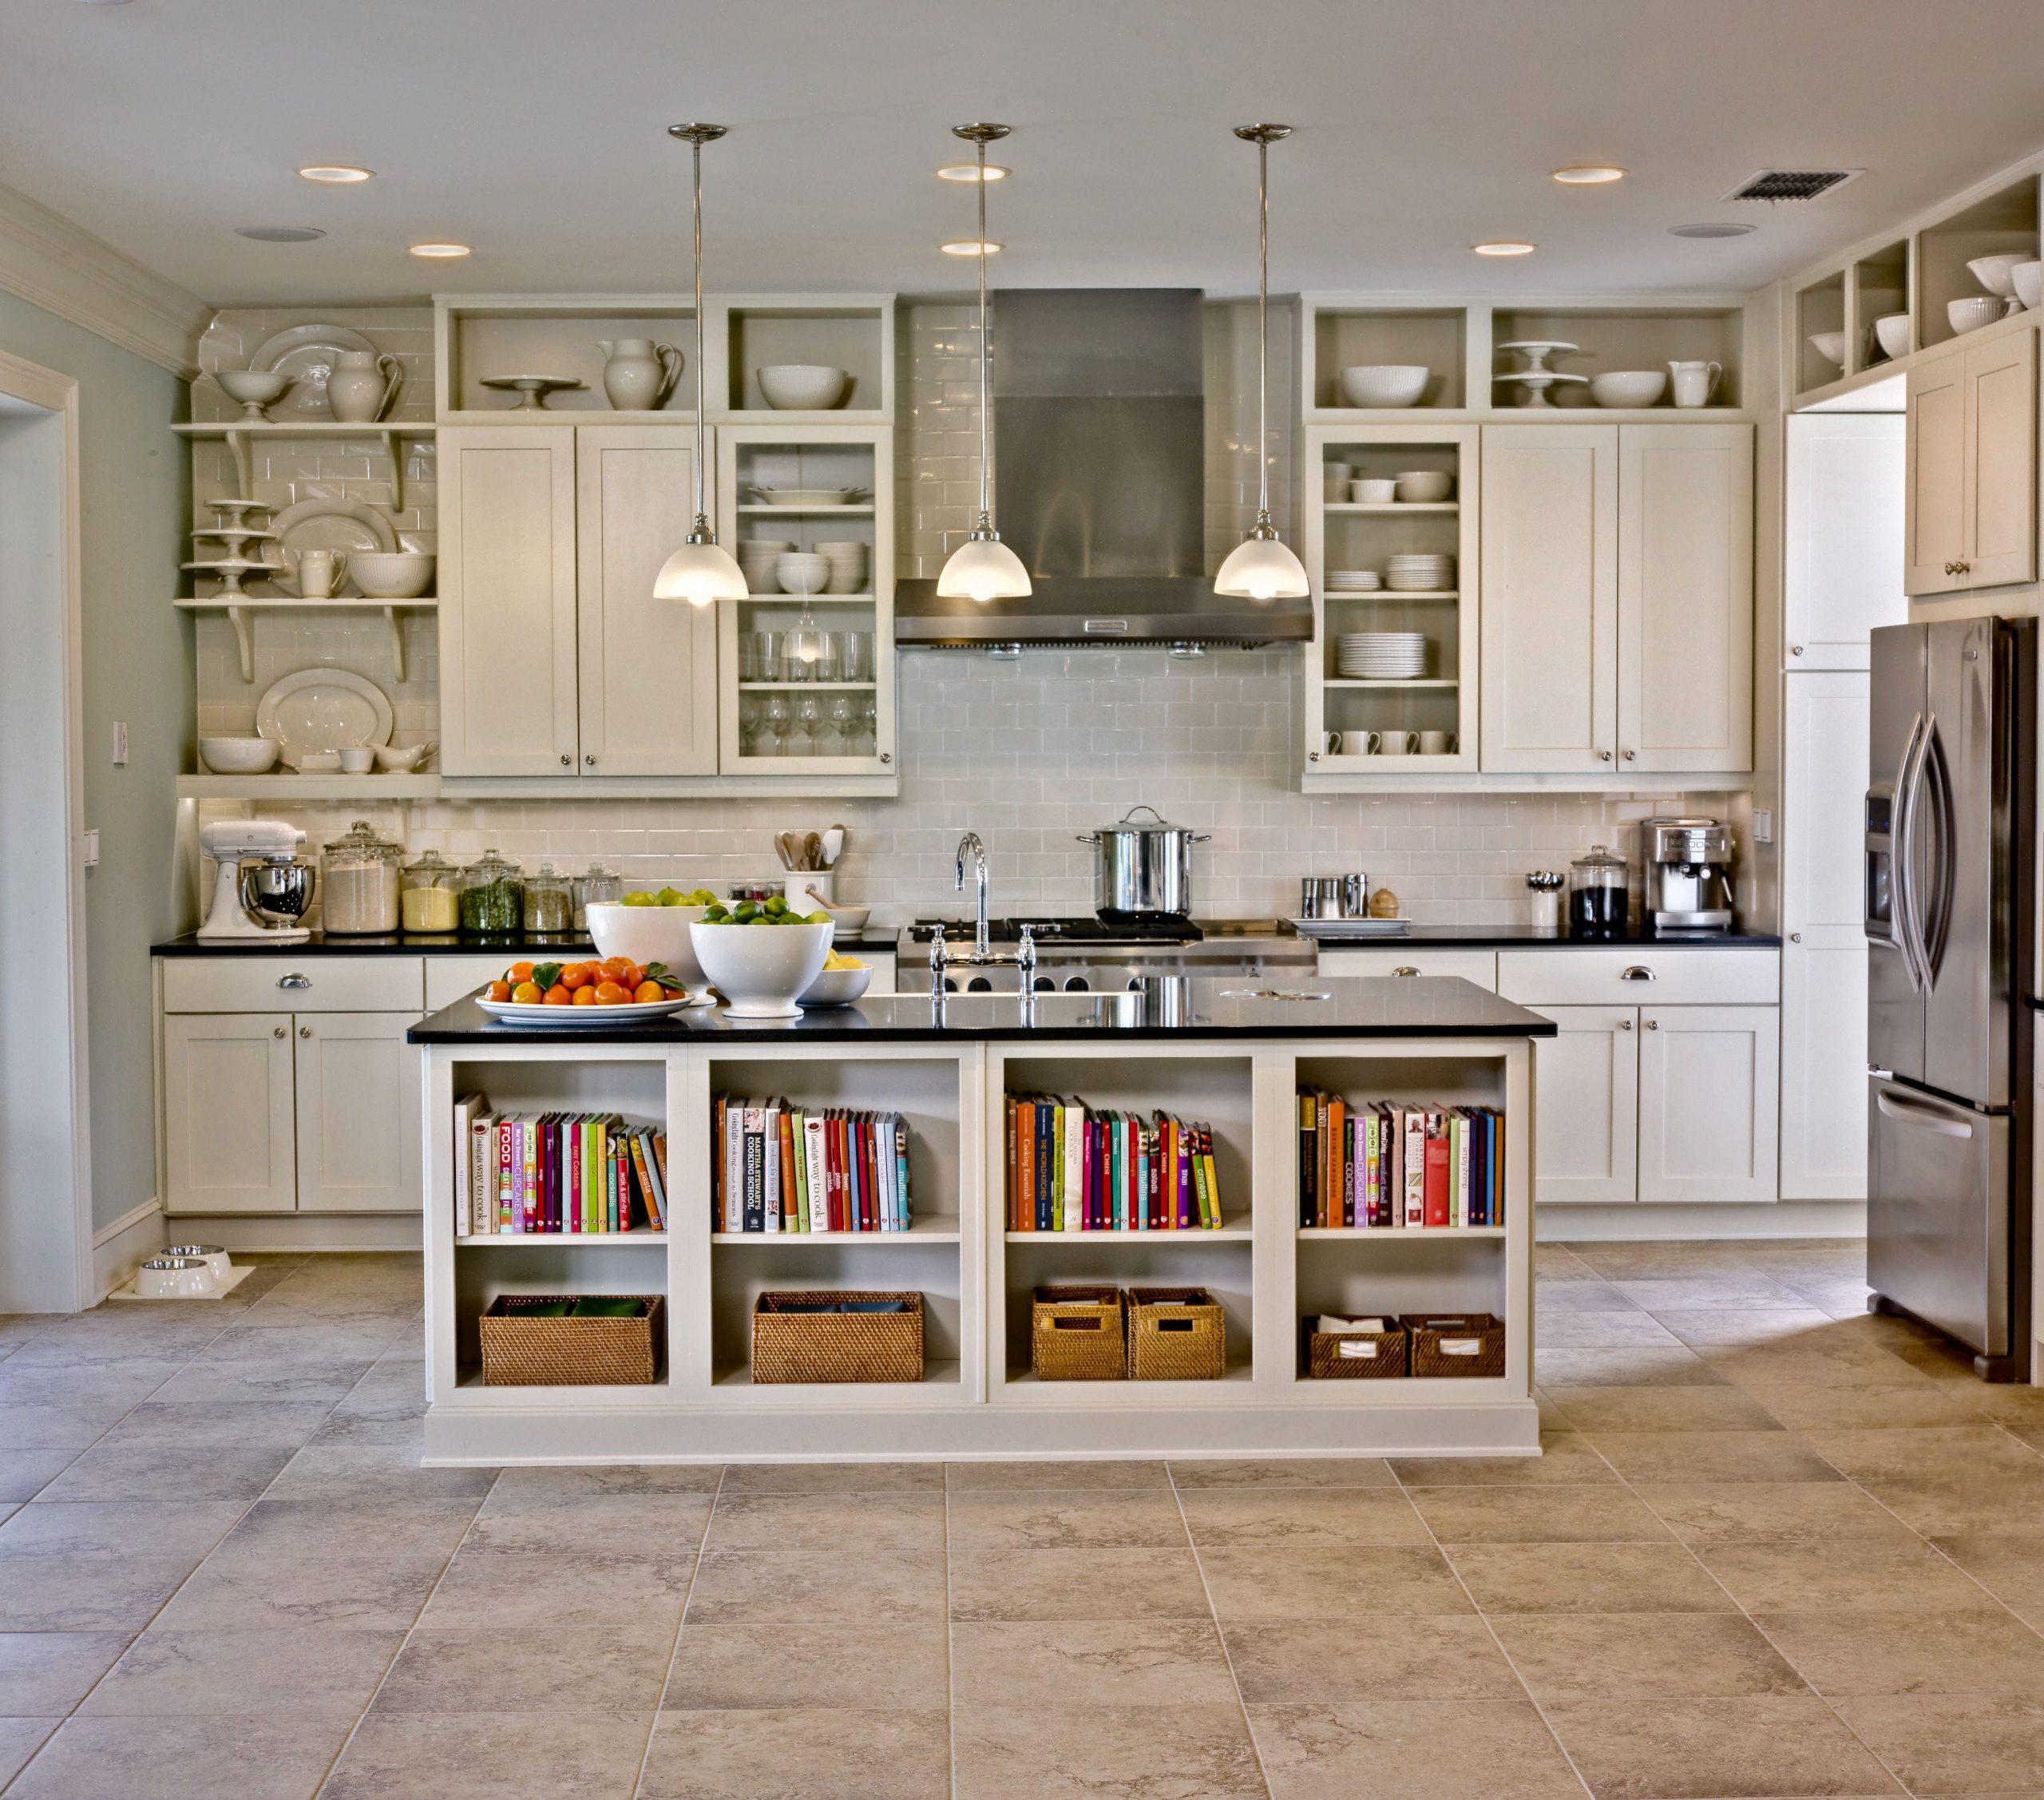 Full Size of Küche Einrichten Youtube Küche Einrichten Wandfarbe Küche Einrichten Bilder Kleines Wohnzimmer Mit Küche Einrichten Küche Küche Einrichten